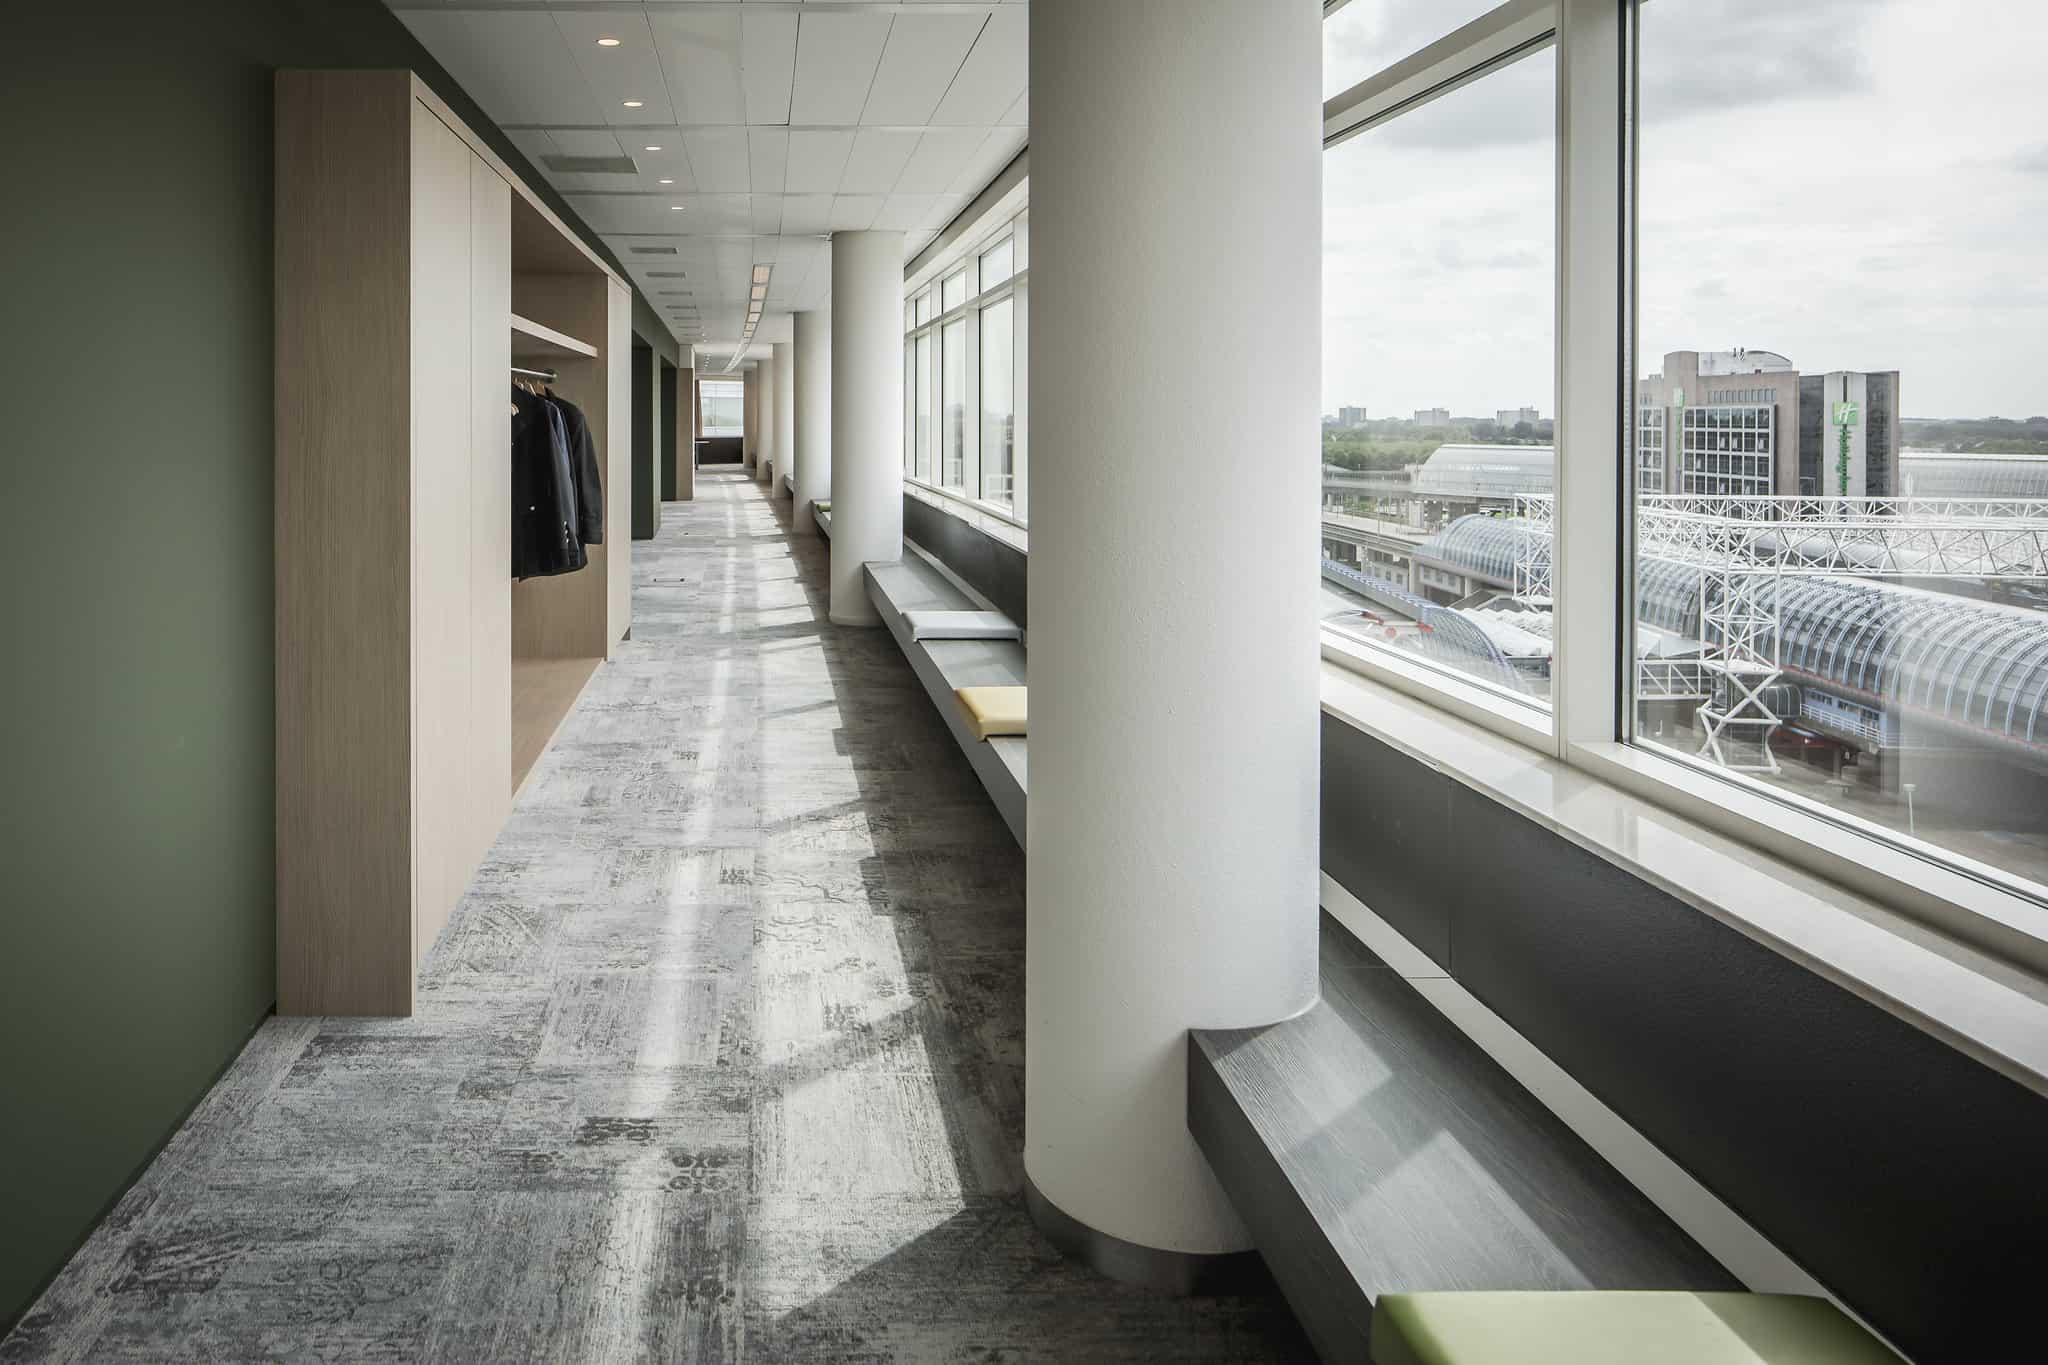 Klap Interieurontwerp met een gaderobe en lockerkasten geïntegreerd in de wanden.